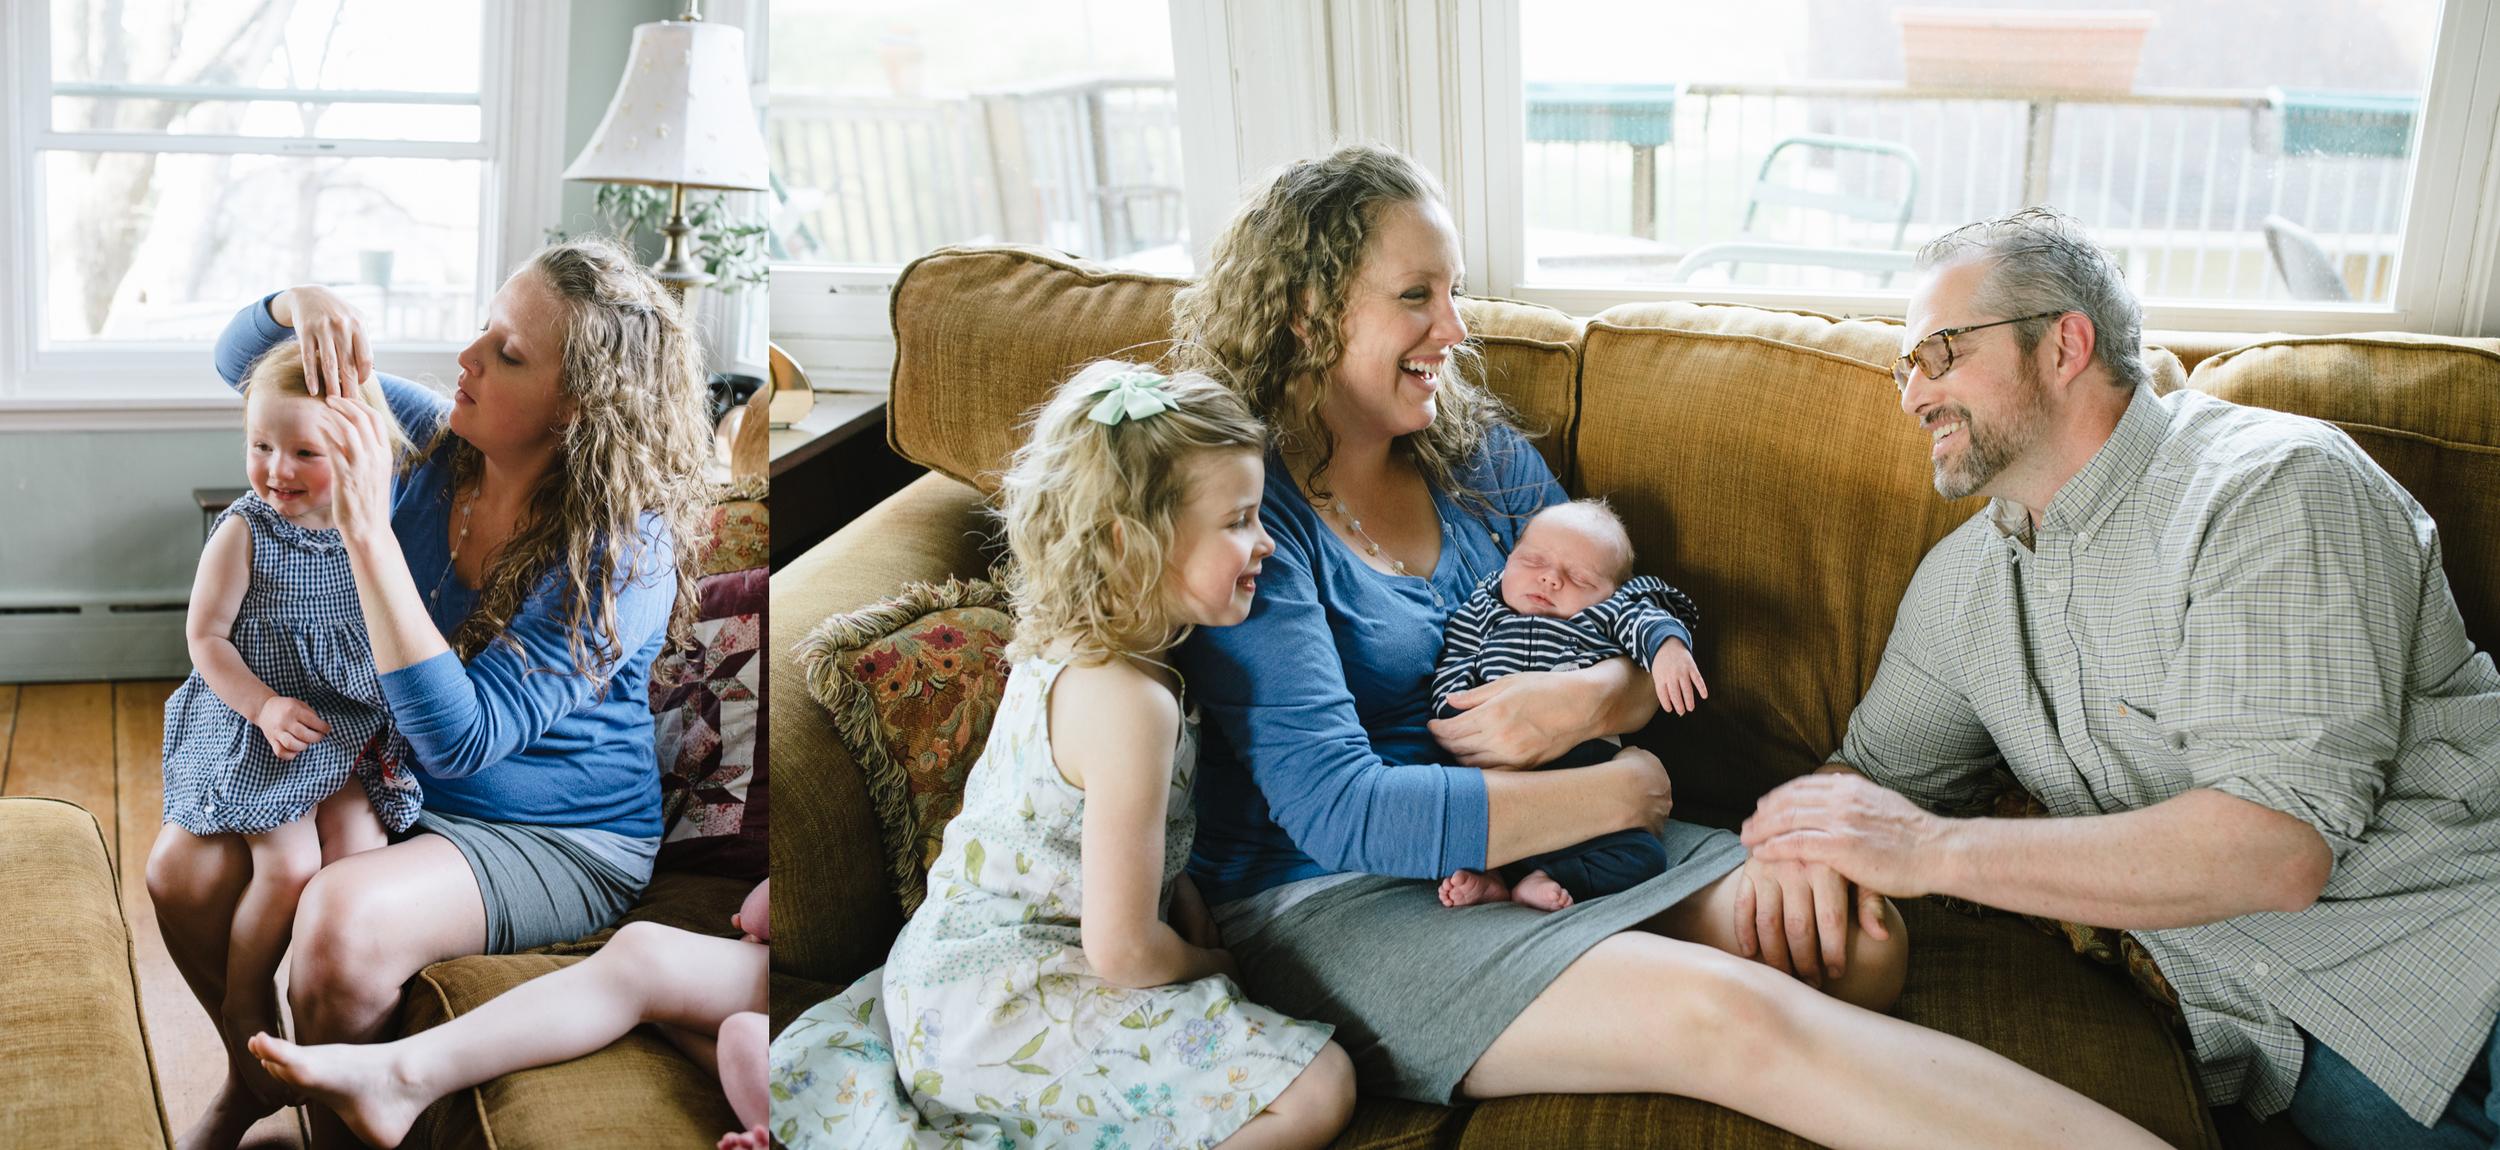 Ligonier family photographer in home session, mariah fisher.jpg